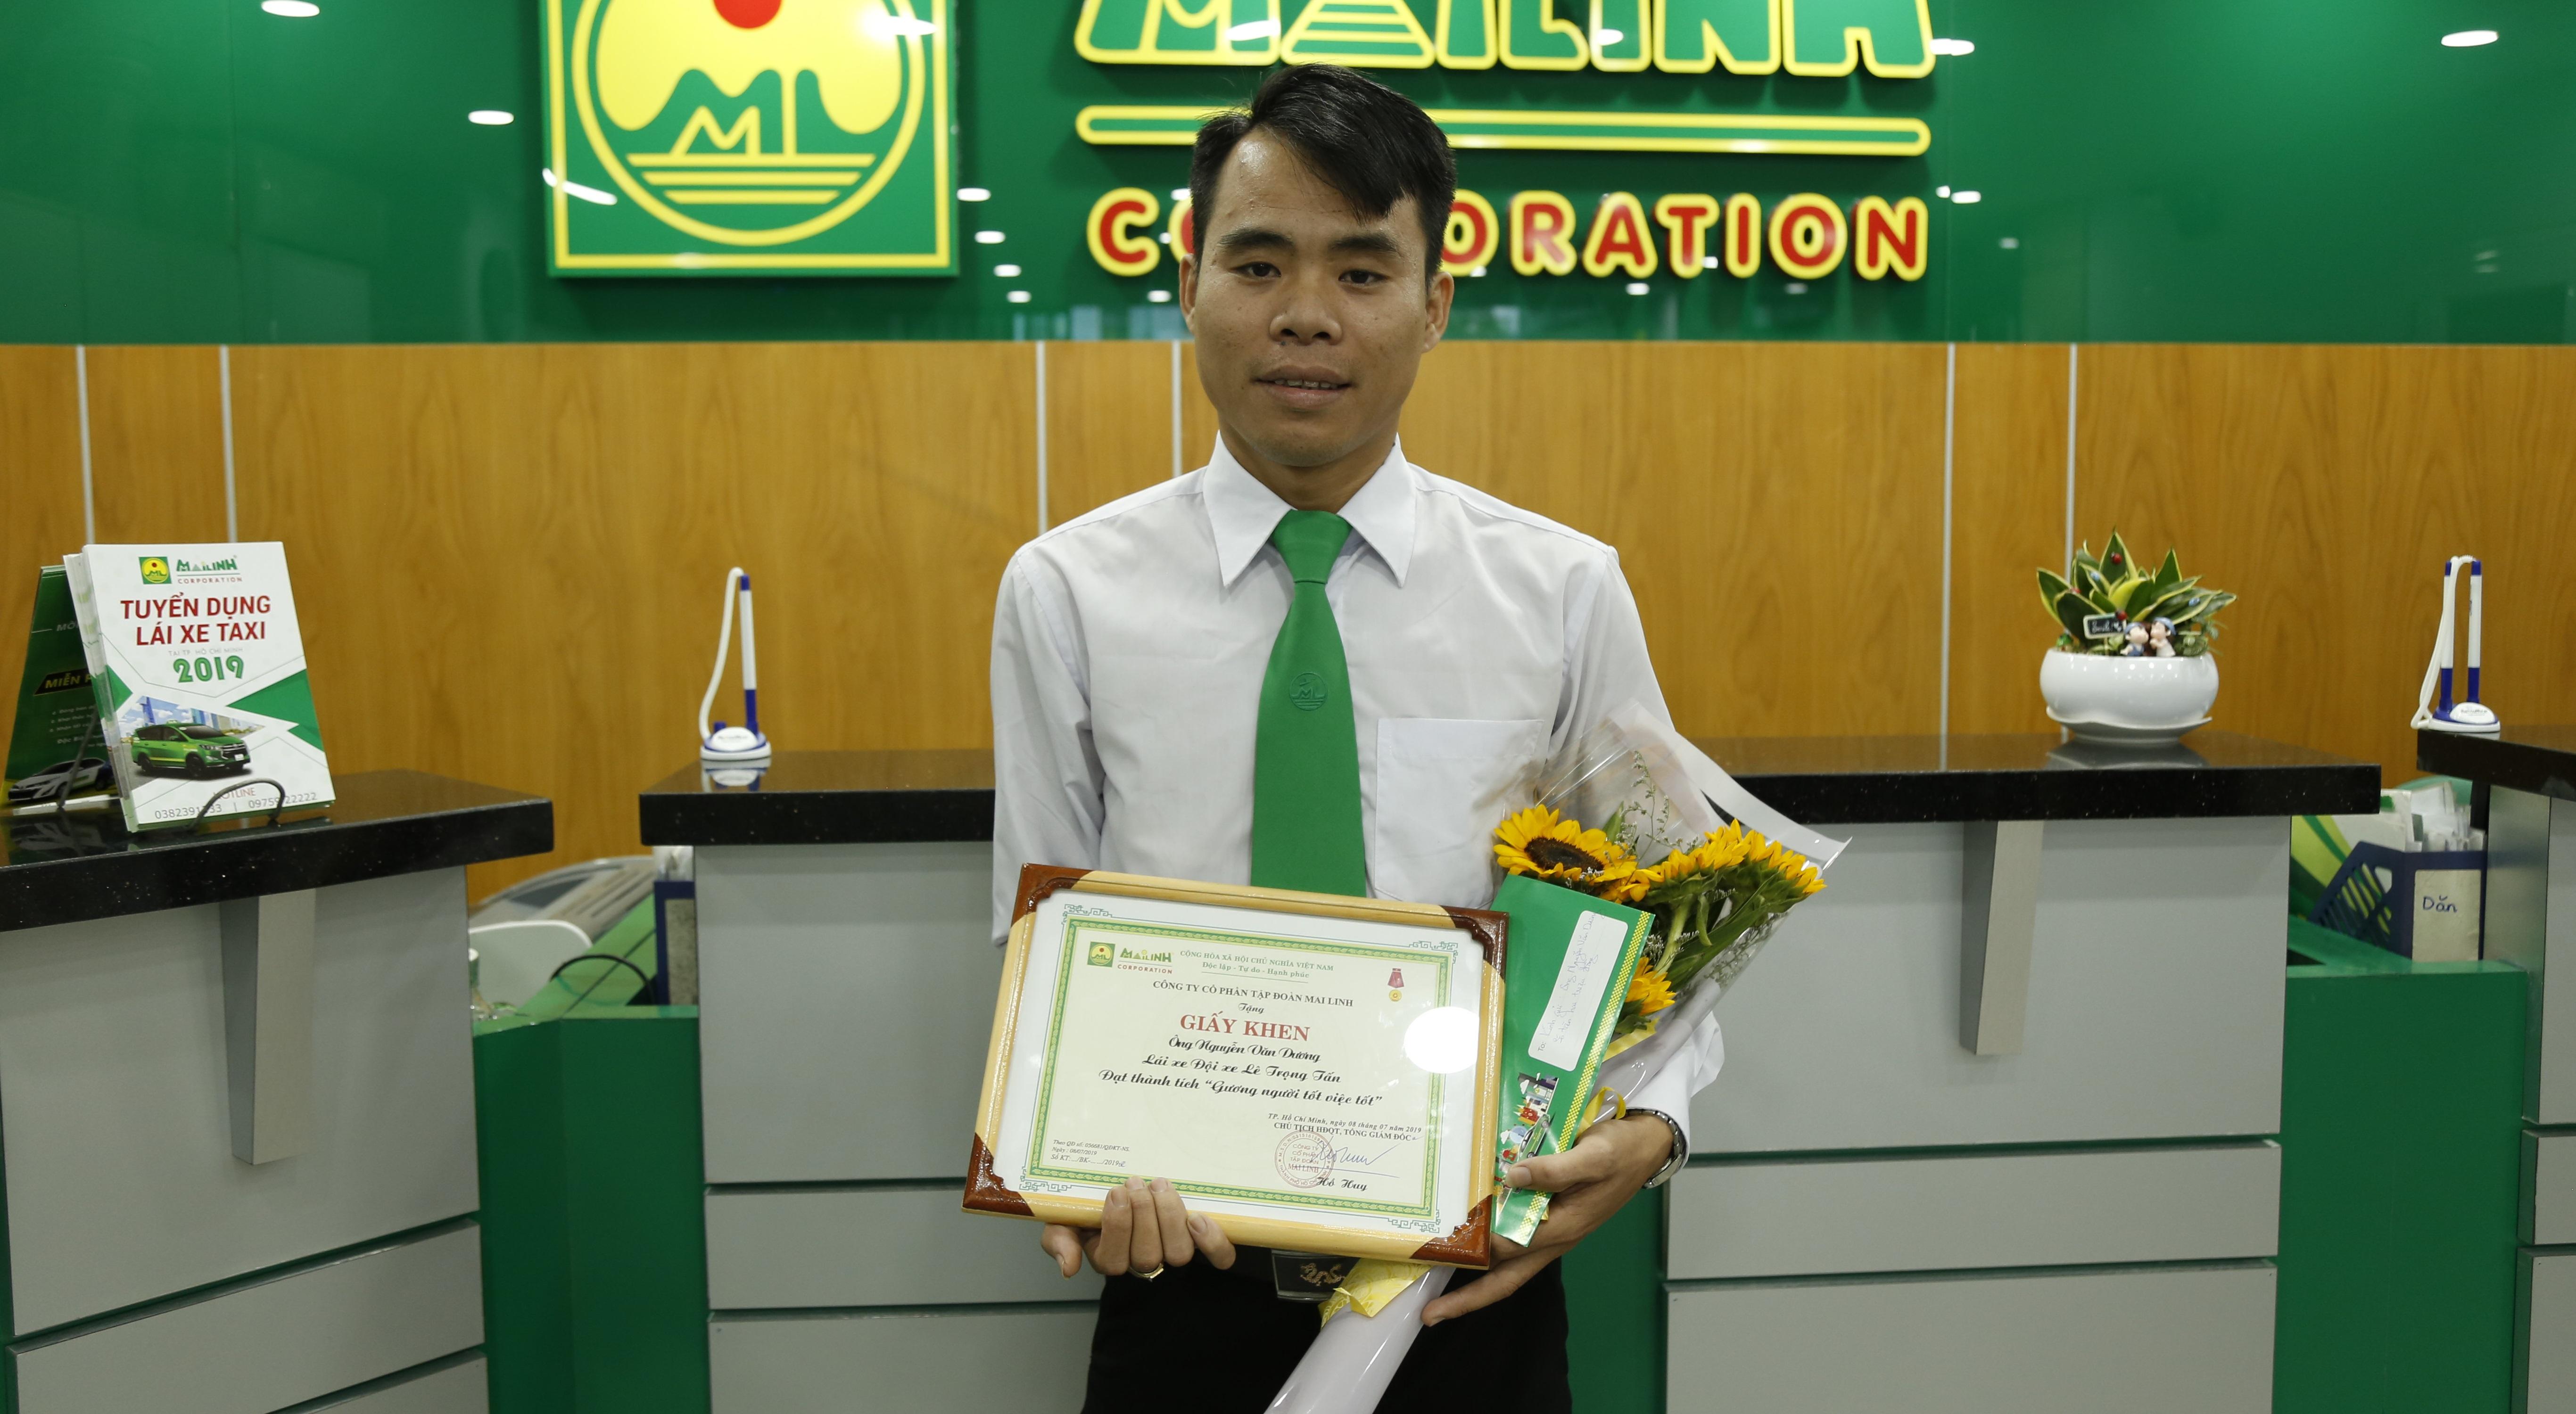 Lái xe Nguyễn Văn Dương được tuyên dương tại công ty